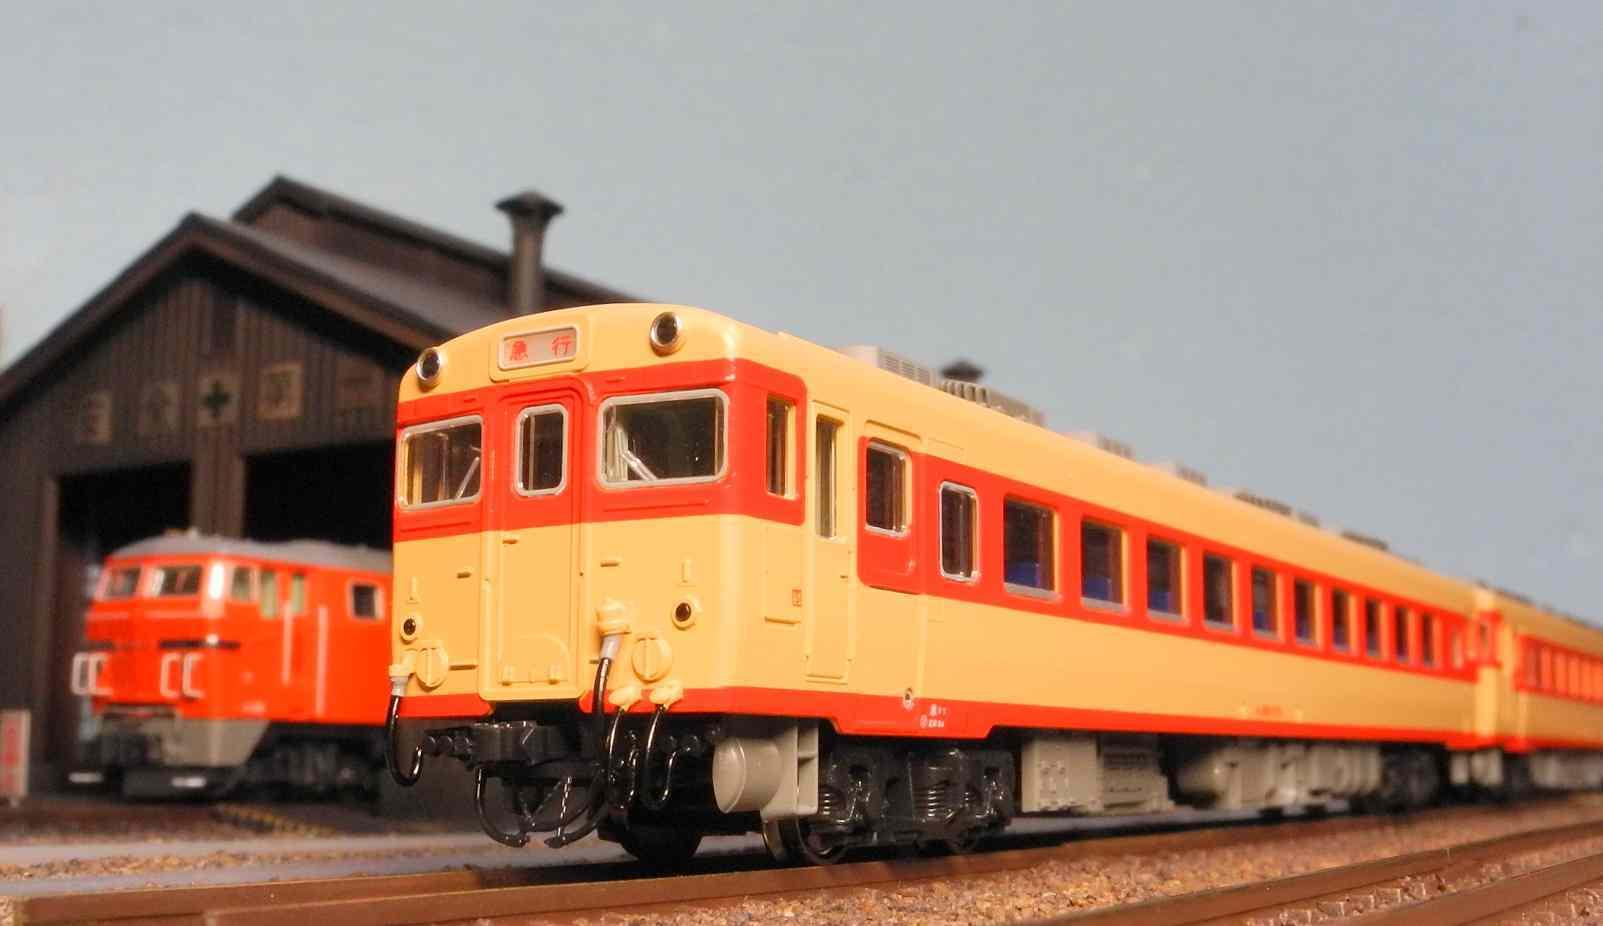 DSCN1126-1.jpg